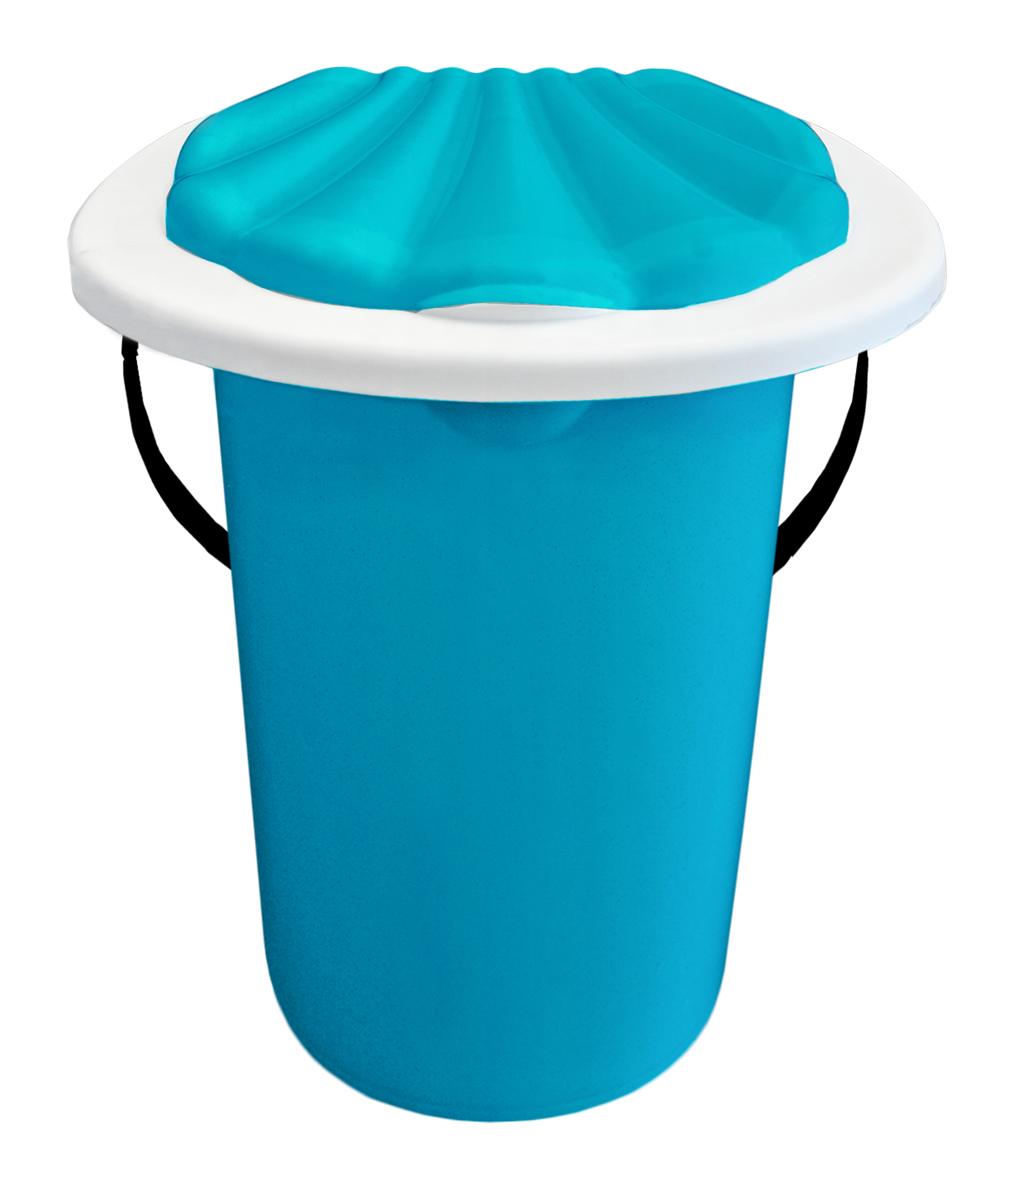 Ведро-туалет InGreen, цвет: светло-синий, 20 л531-105Ведро-туалет InGreen выполнено из пластика. Это незаменимая вещь на даче, а также для пожилых людей и людей с ограниченными возможностями. Устойчивое и высокое ведро удобно в использовании. Ведро-туалет имеет эргономичное съемное сиденье - это позволит легко его мыть и сушить отдельно. Ведро снабжено крышкой, что препятствует распространению неприятных запахов. Прочный пластик выдержит даже людей с большим весом.